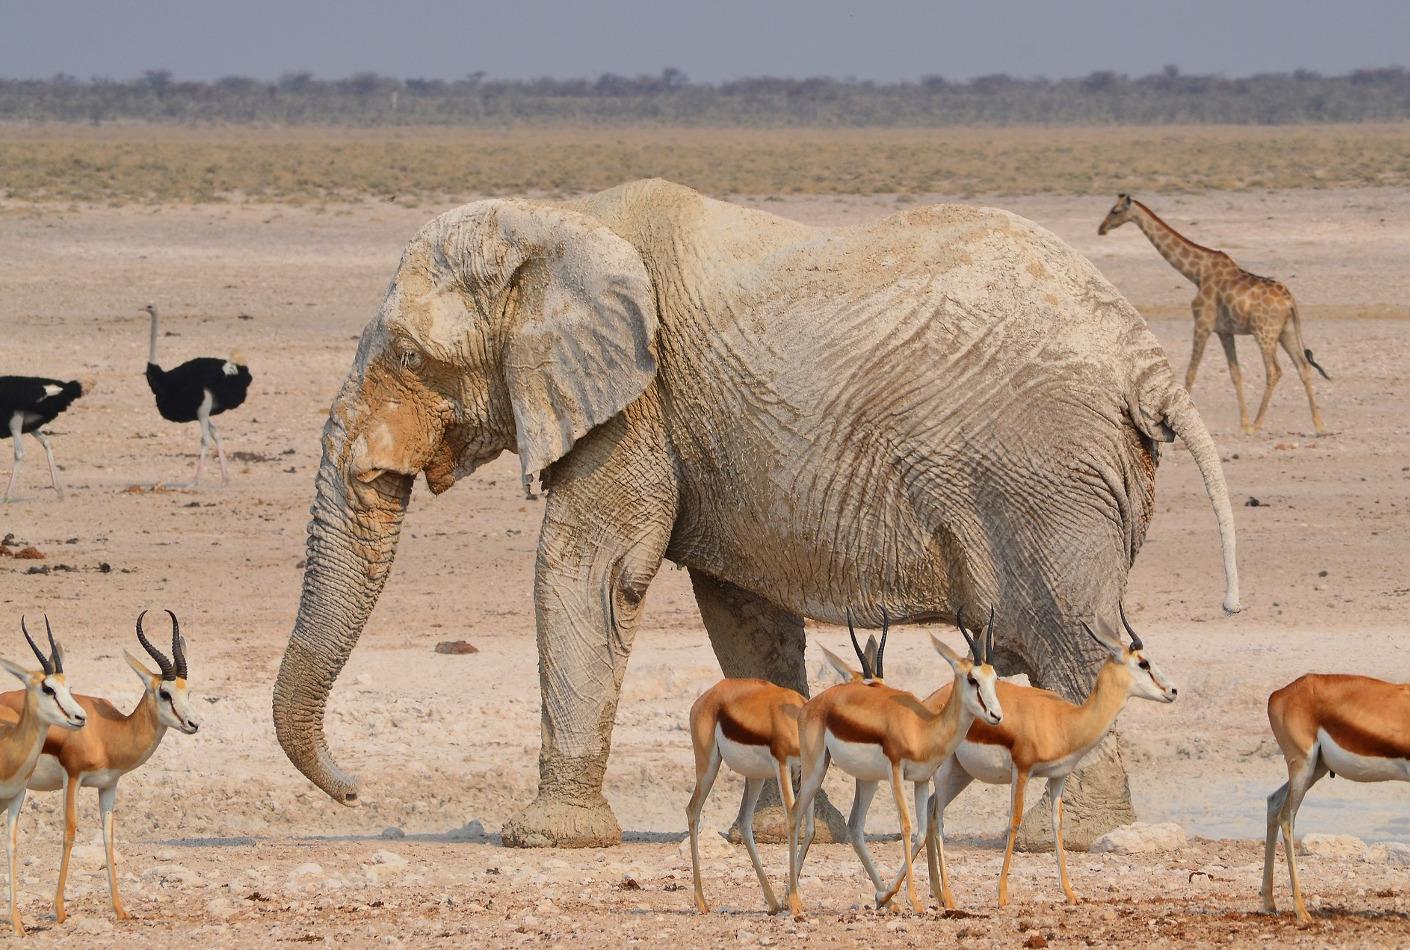 Elefante en el Parque Nacional de Etosha. Oferta viaje Africa al completo.